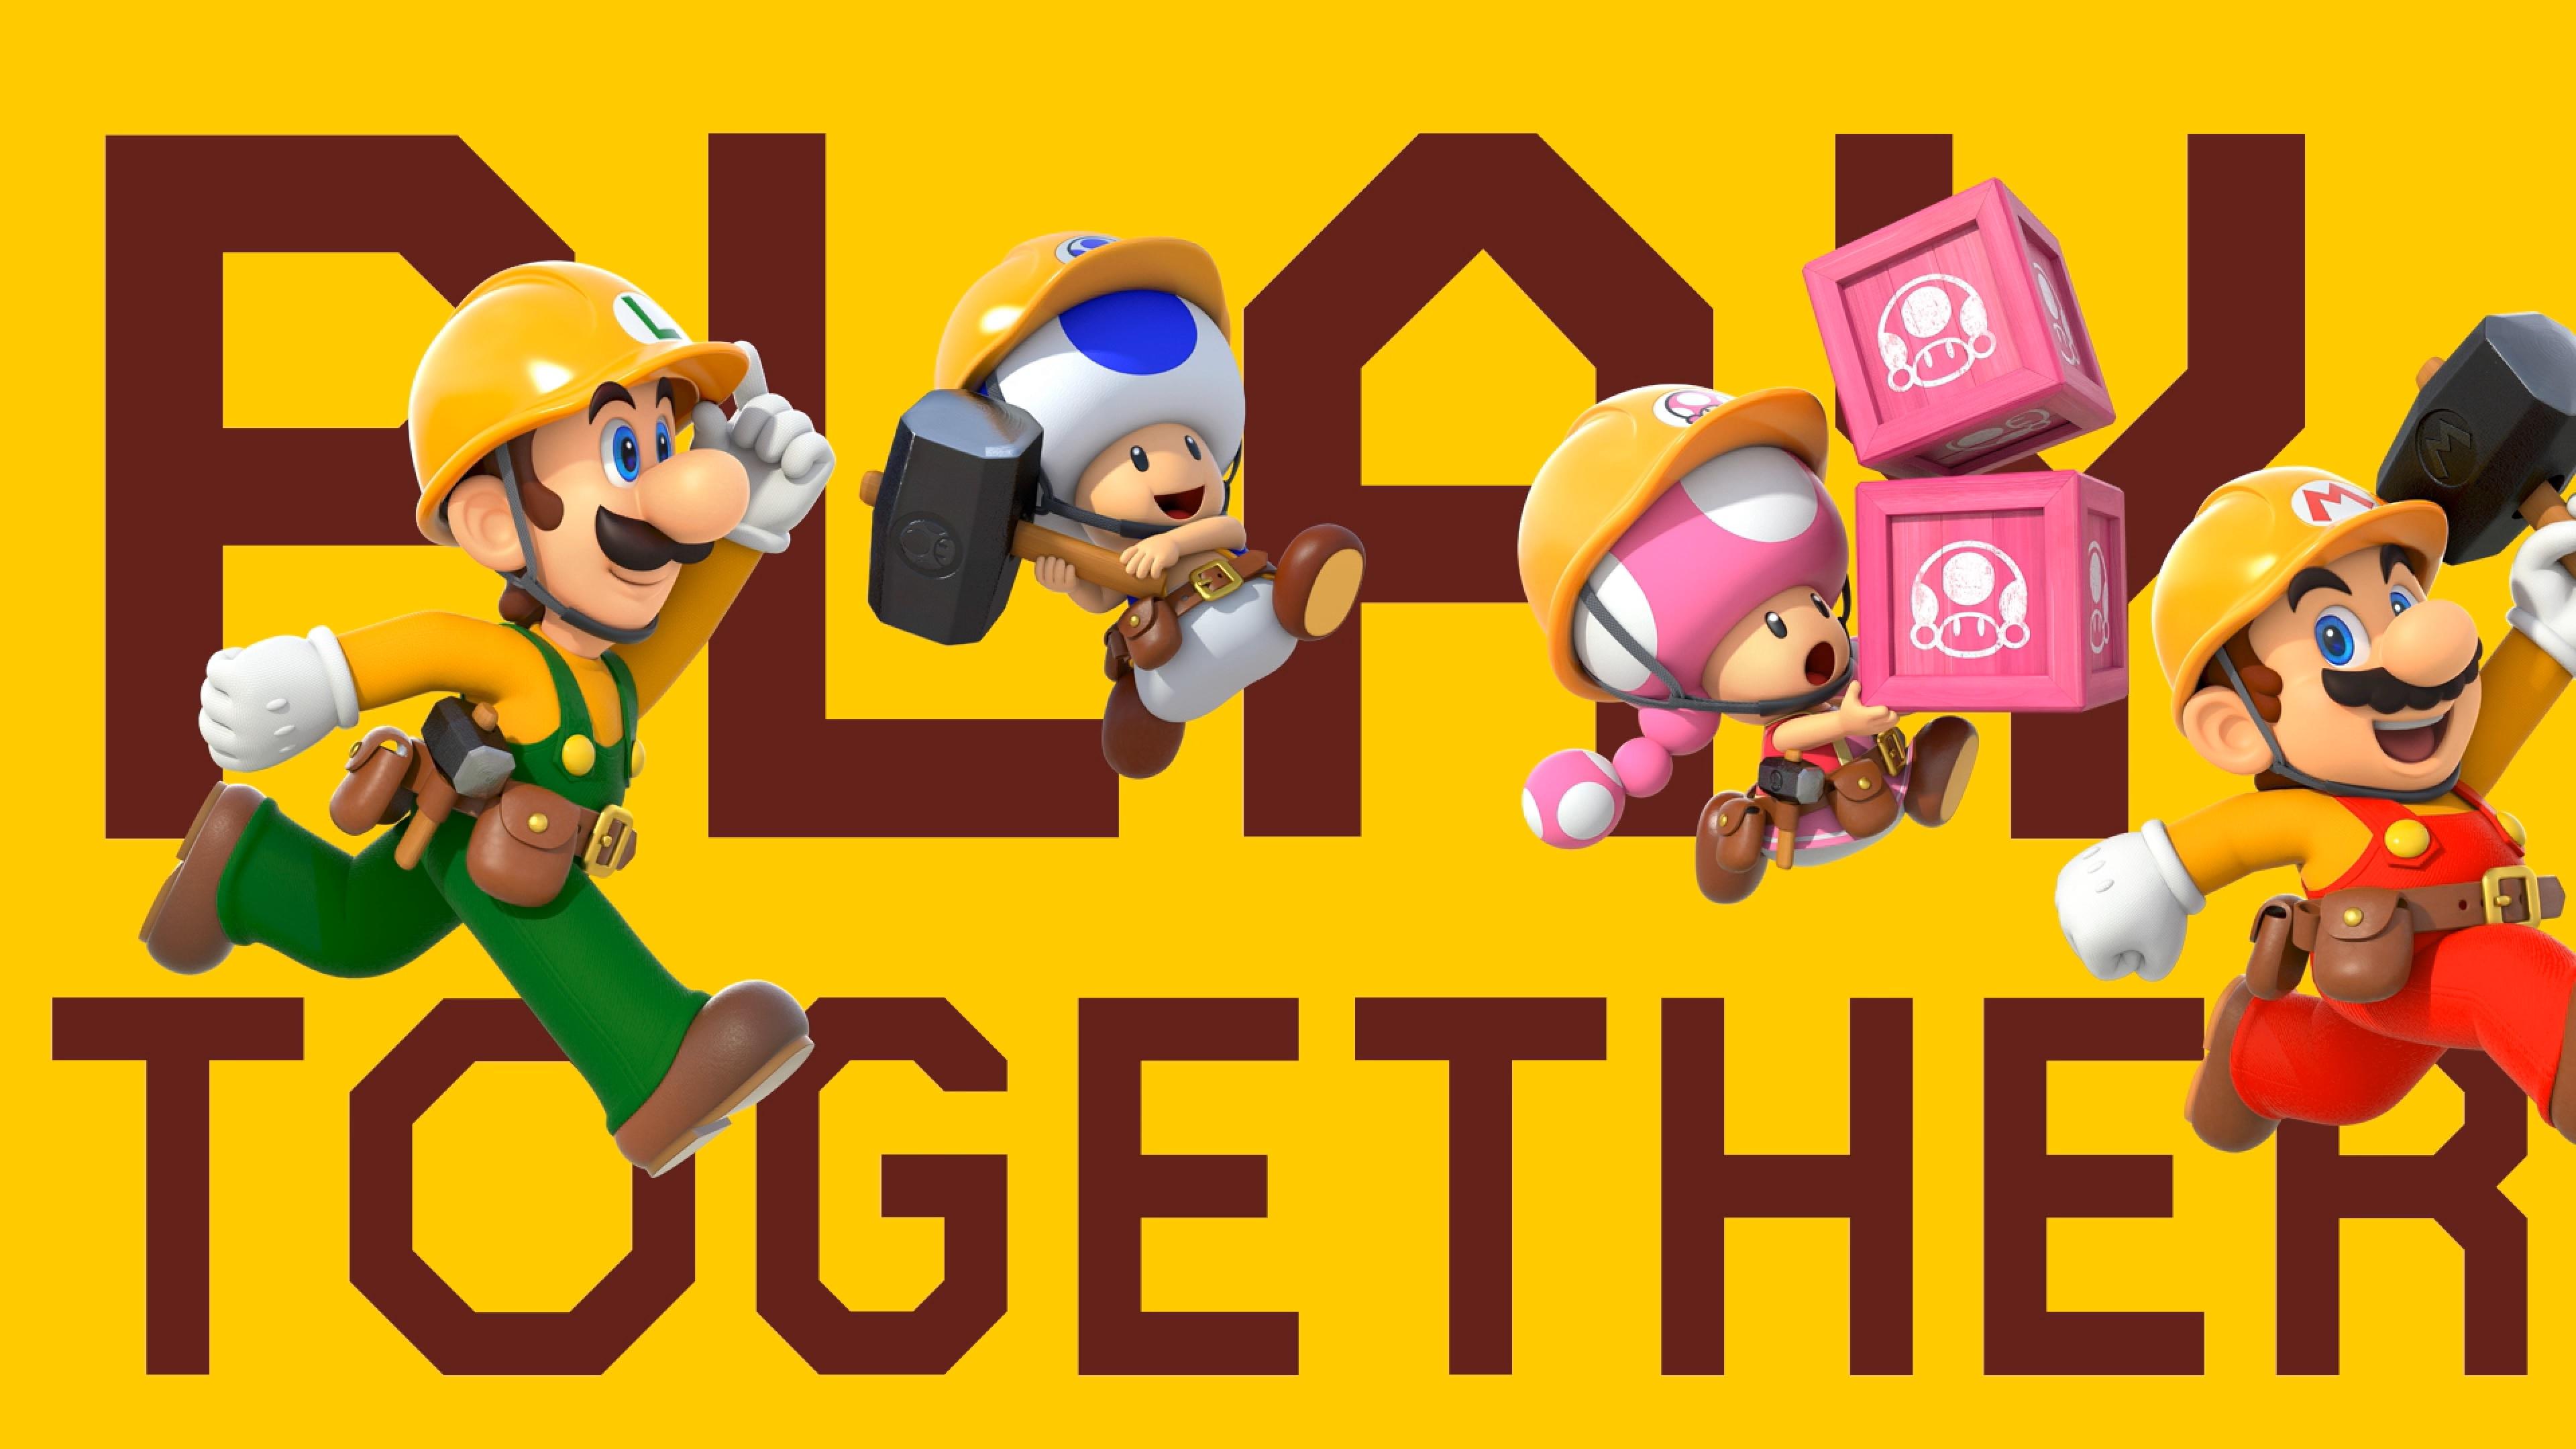 """Super Mario Maker 2 recebe nova atualização (1.1.0) – Novo modo """" Play with friends"""" para jogar cooperativo online, """"LAN play"""" e muito mais"""